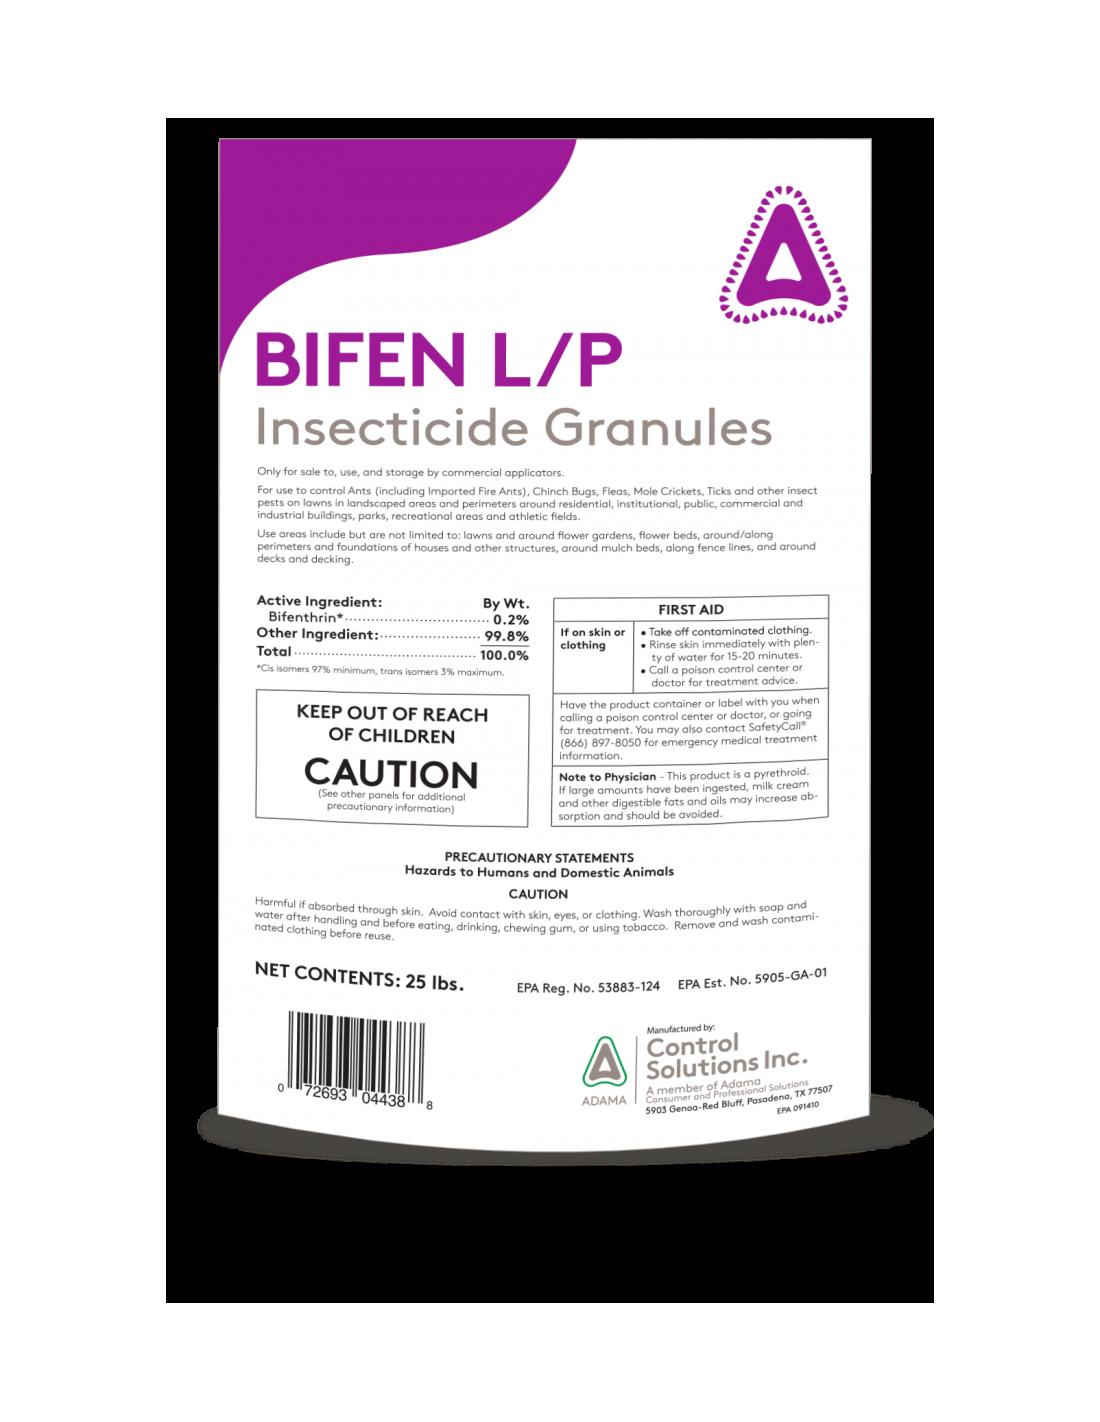 Bifen Lp Insecticide Granules